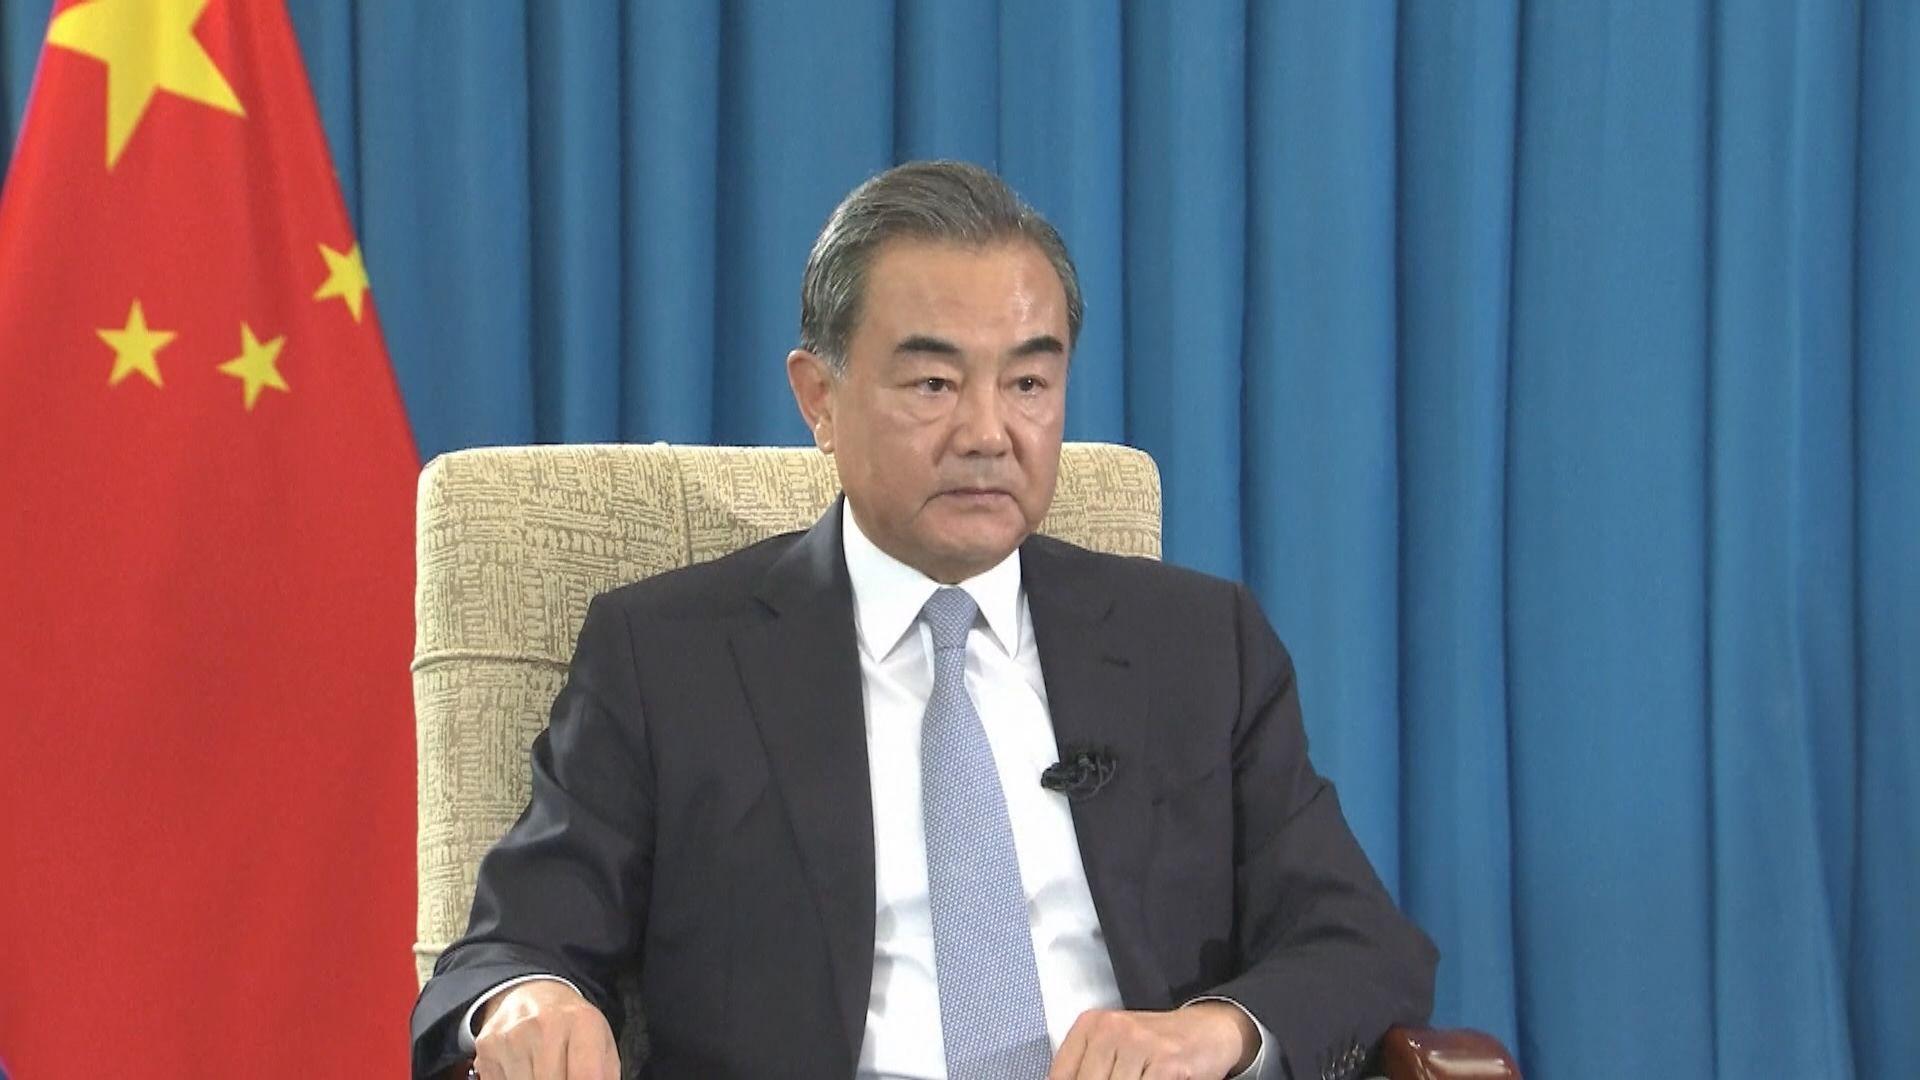 美國副國務卿舍曼今訪華 王毅:美國自以為高人一等中國有責任和國際社會給美國「補課」